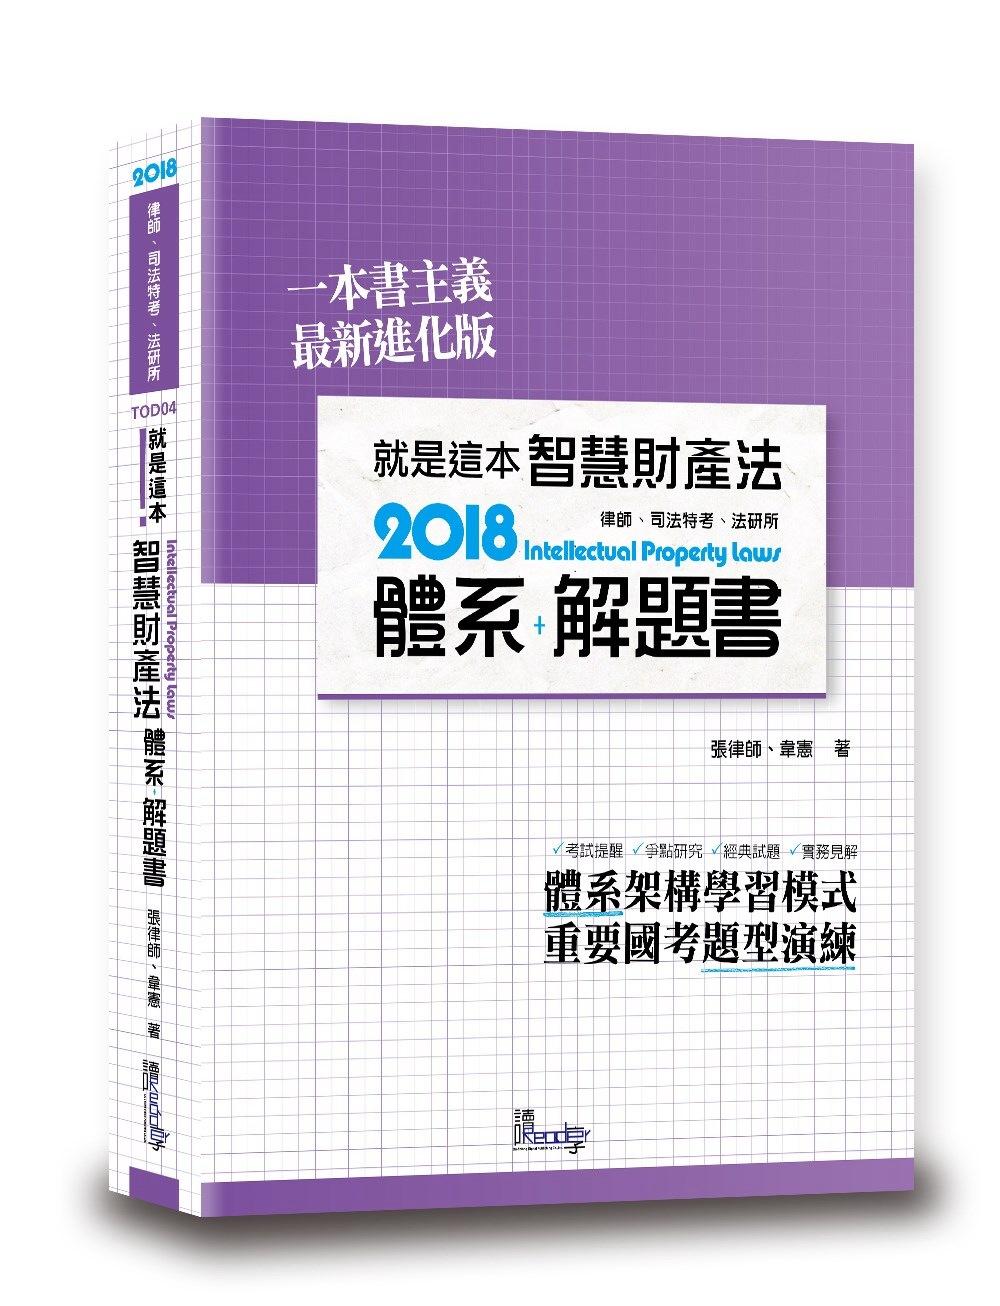 ◤博客來BOOKS◢ 暢銷書榜《推薦》就是這本智慧財產法體系+解題書